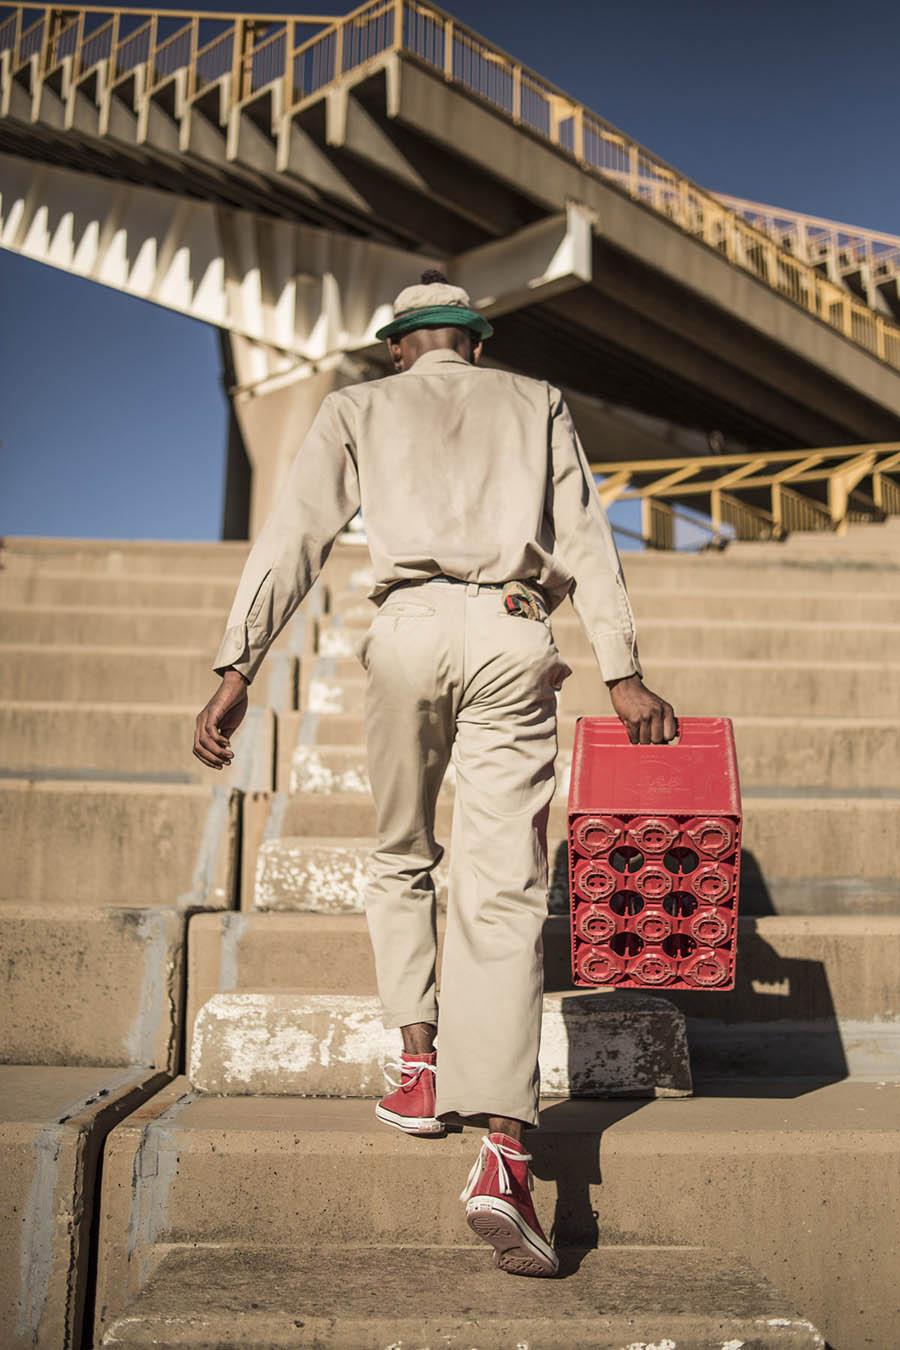 griot-mag-Pantsula e Dance 4 LYF - Ne abbiamo parlato con Chris Saunders - Troopsula - Mabopane Pretoria